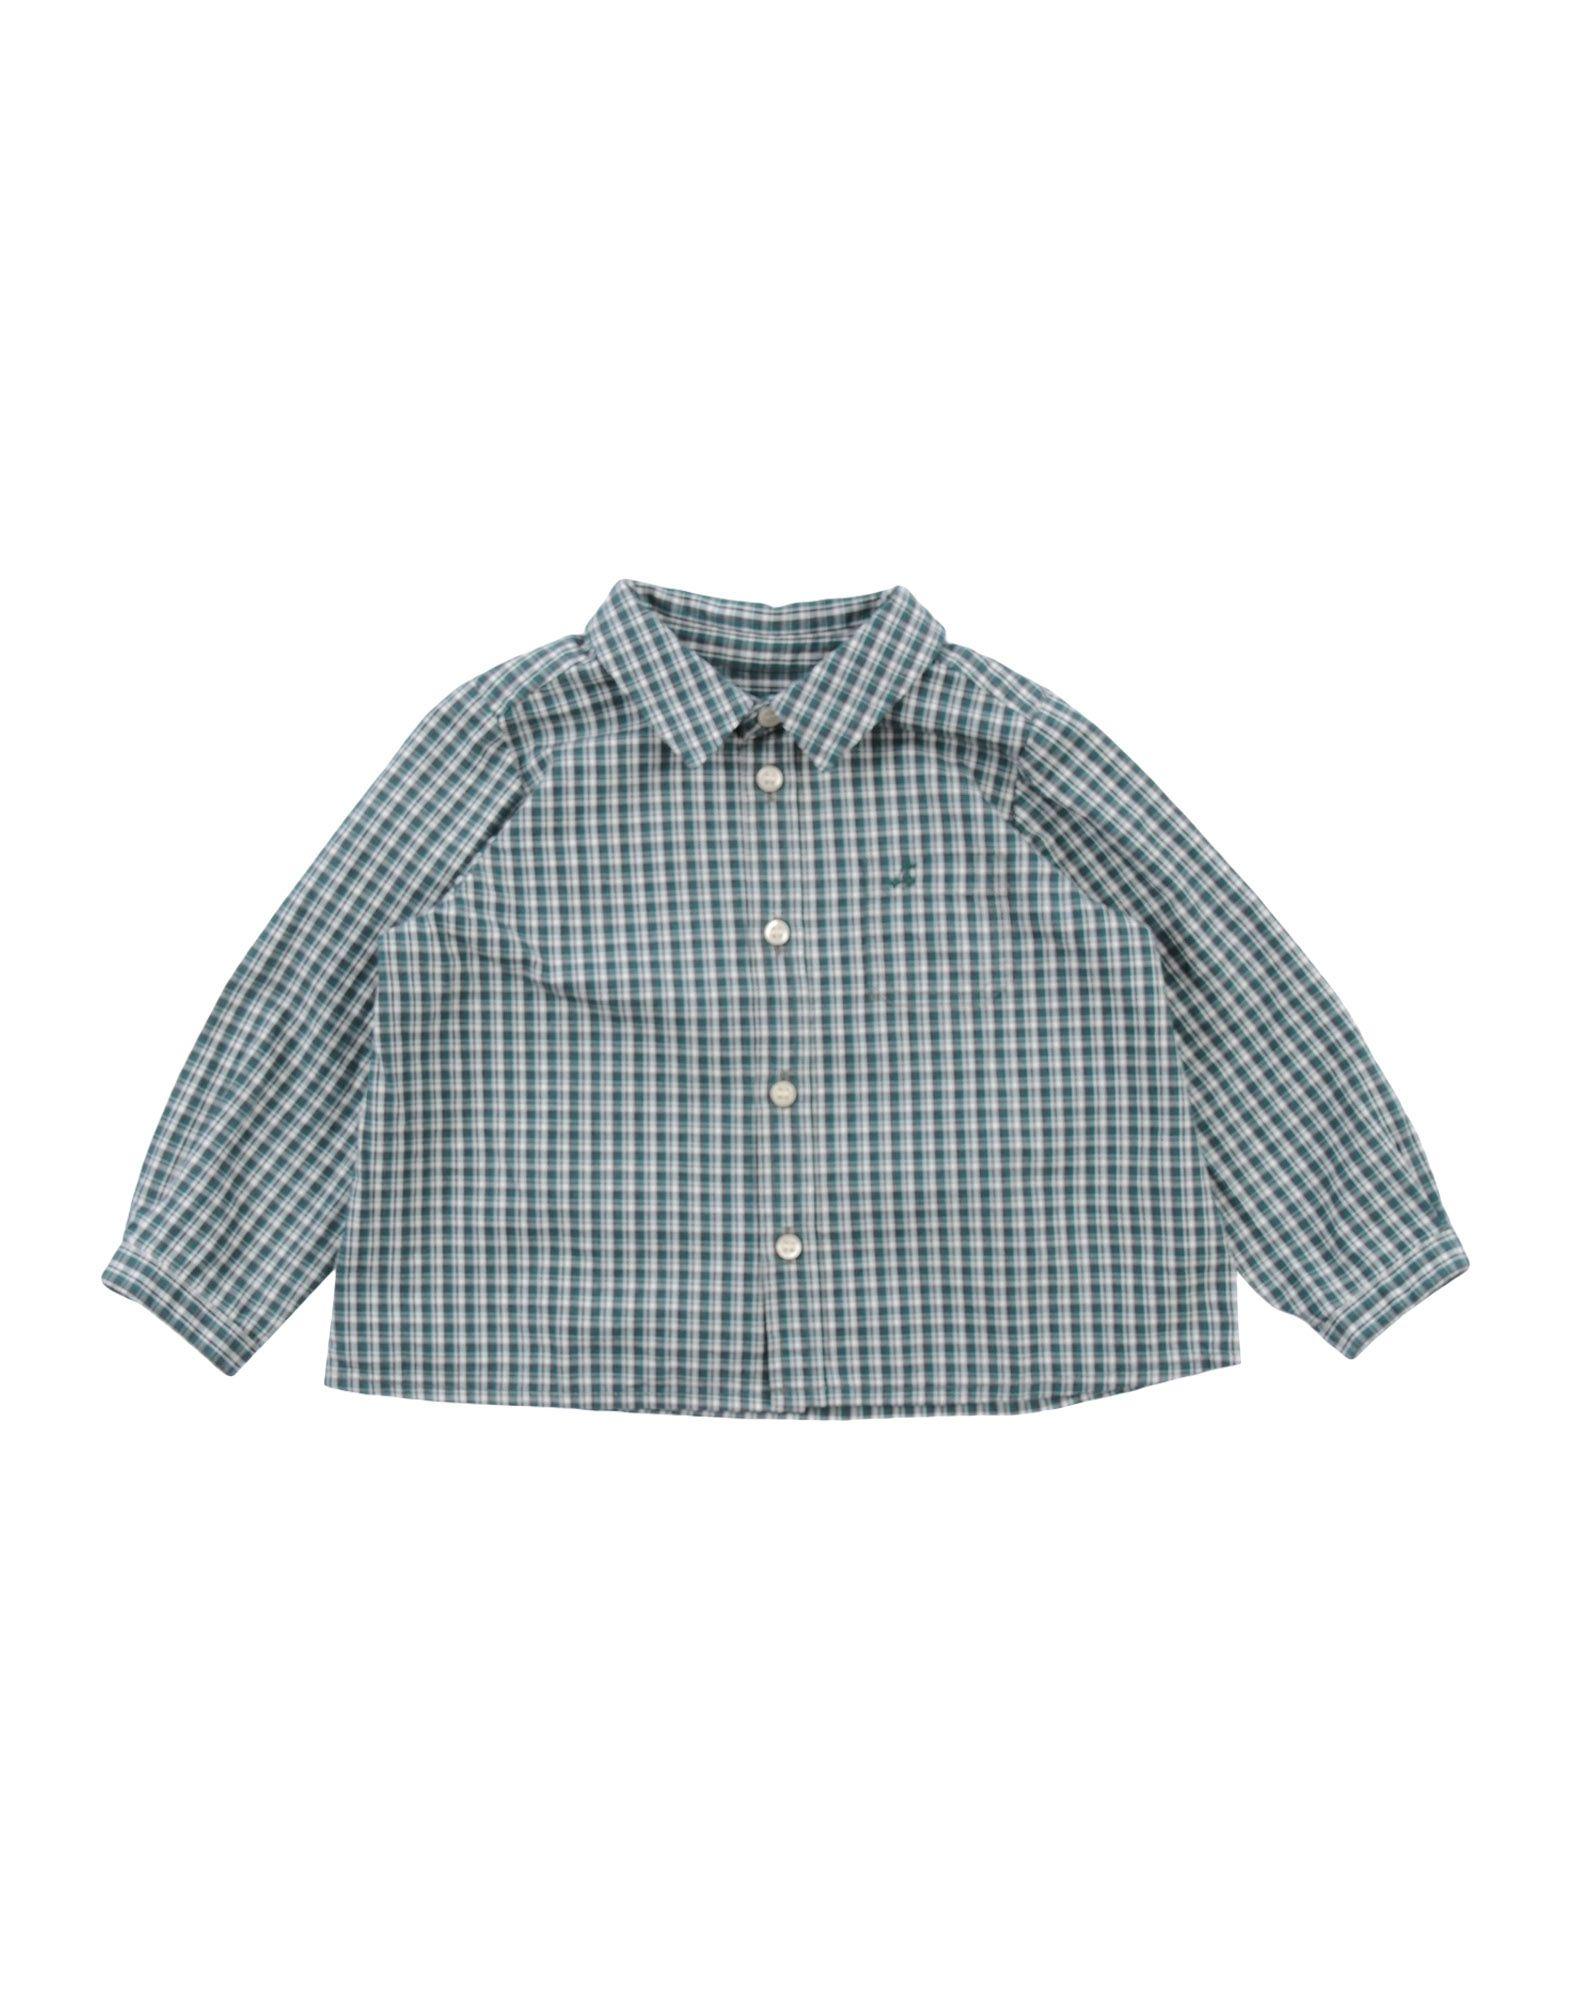 BONPOINT Checked Shirt in Dark Green